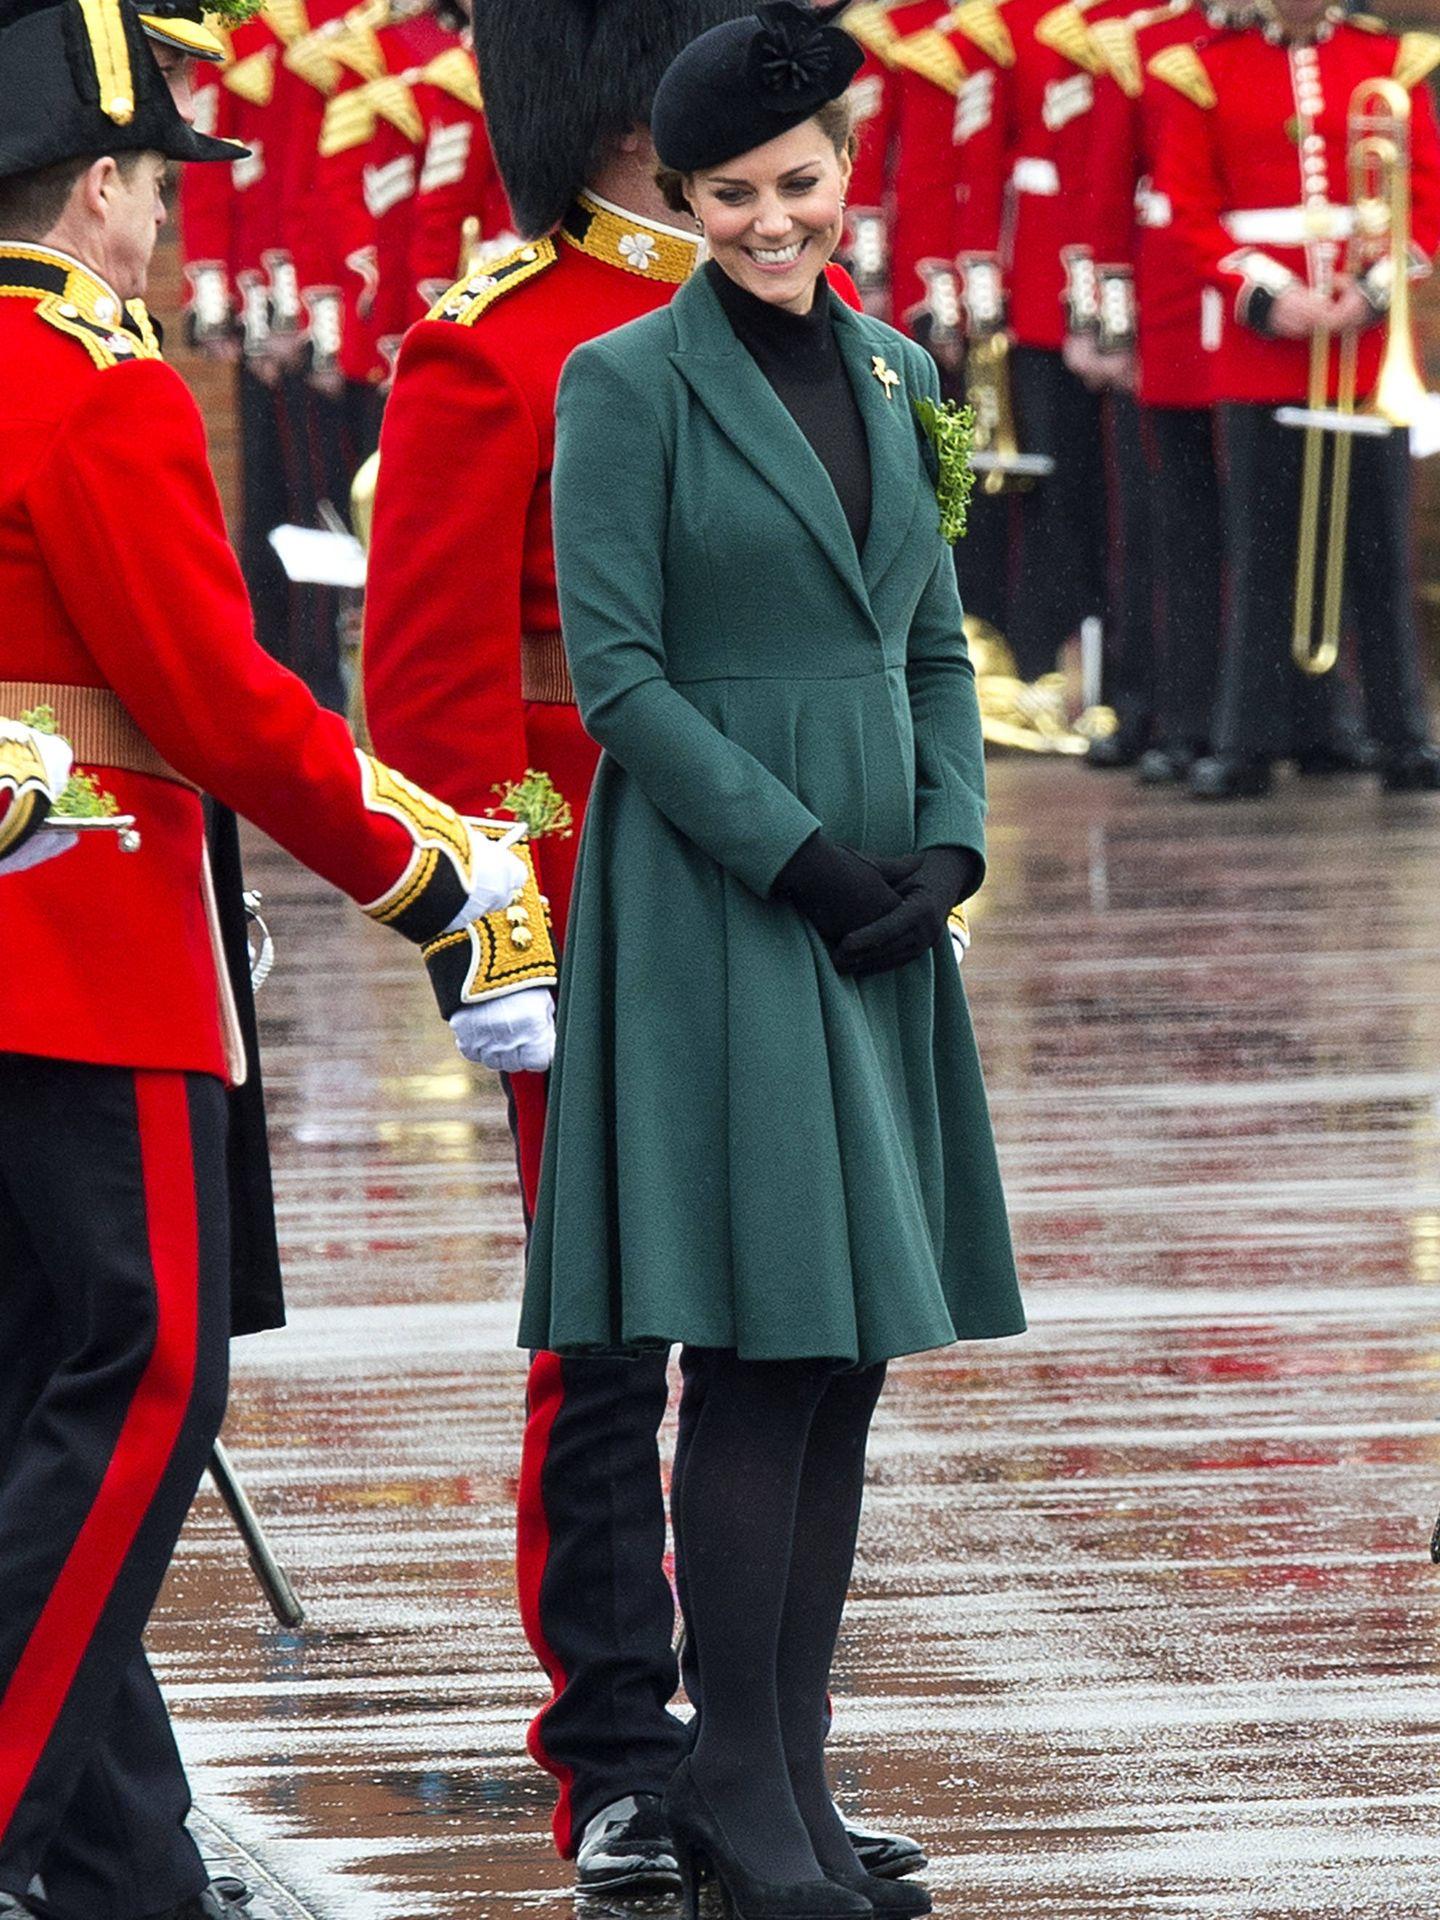 La duquesa en el Día de San Patricio. (Getty)